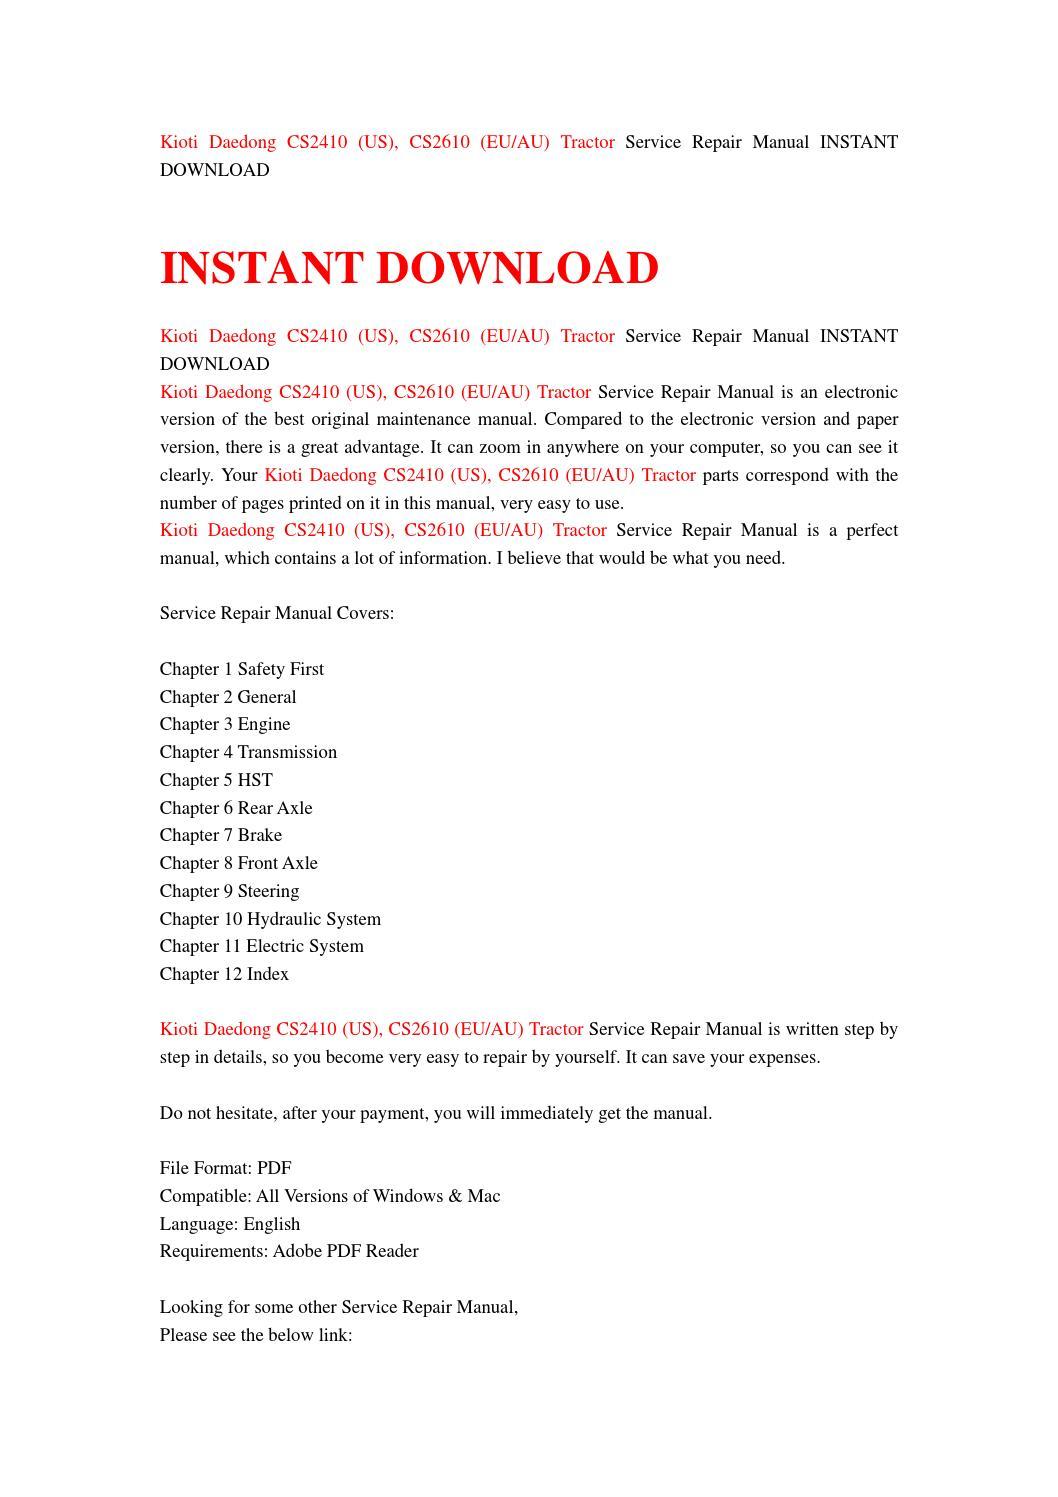 kioti daedong cs2410 cs2610 tractor workshop service repair manual 1 download